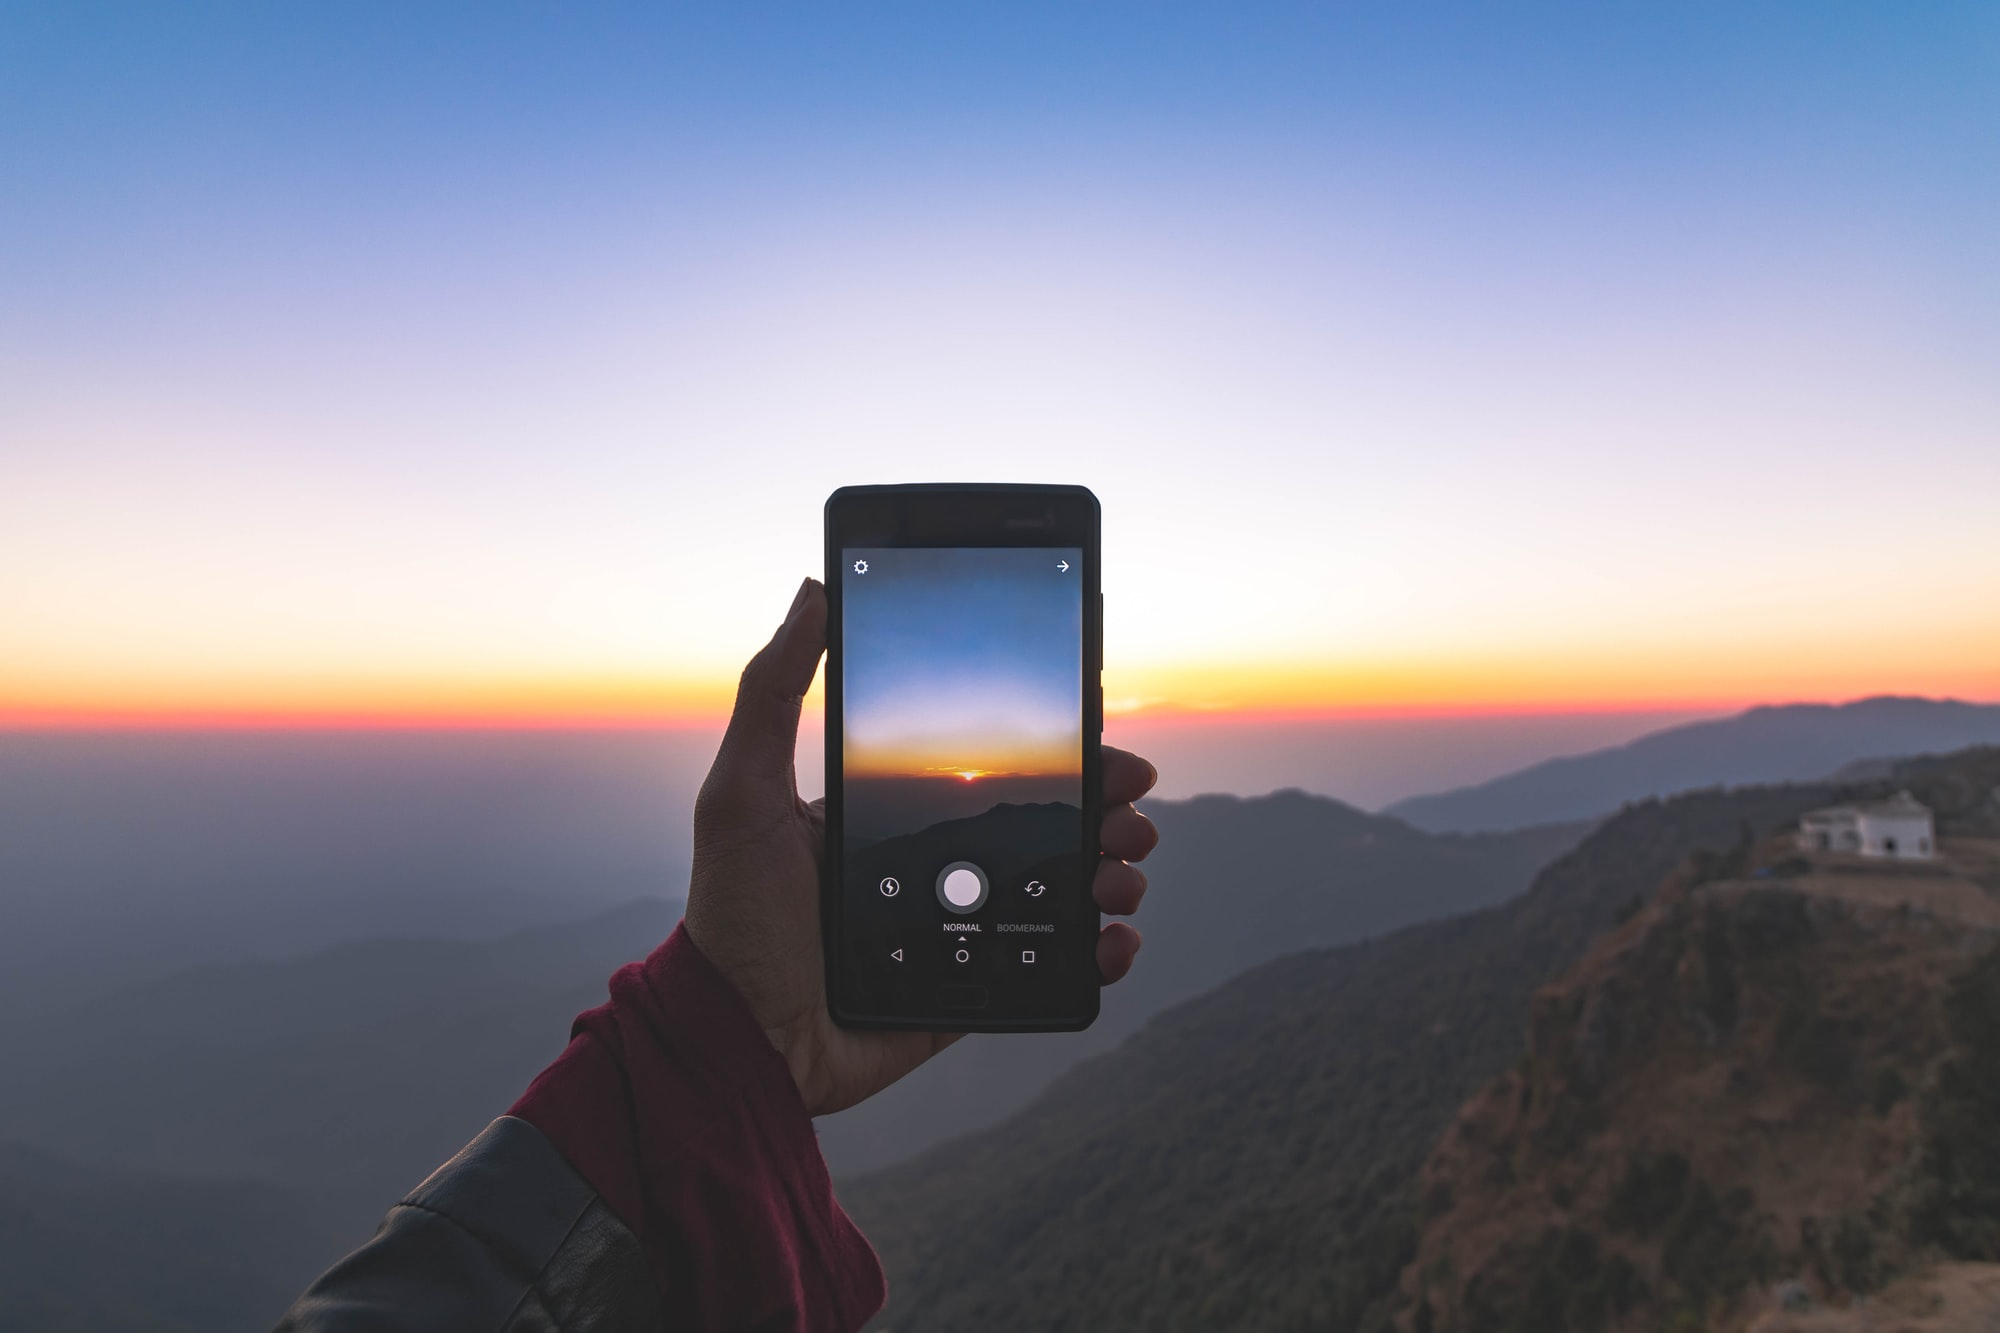 Publicidades en el celular: una verdadera pesadilla